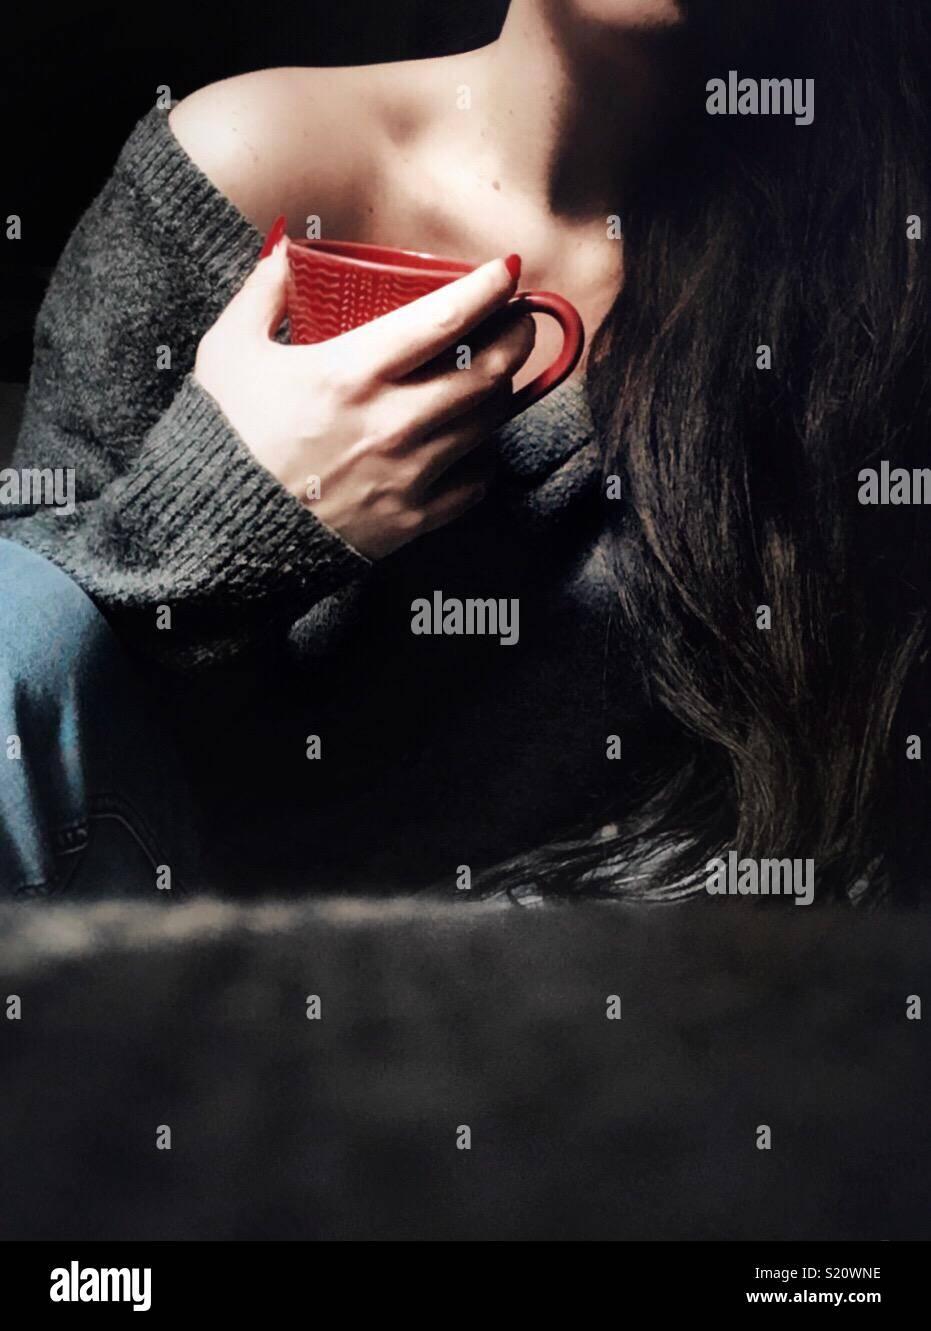 Mulher com longos cabelos escuros segurando um copo vermelho Imagens de Stock